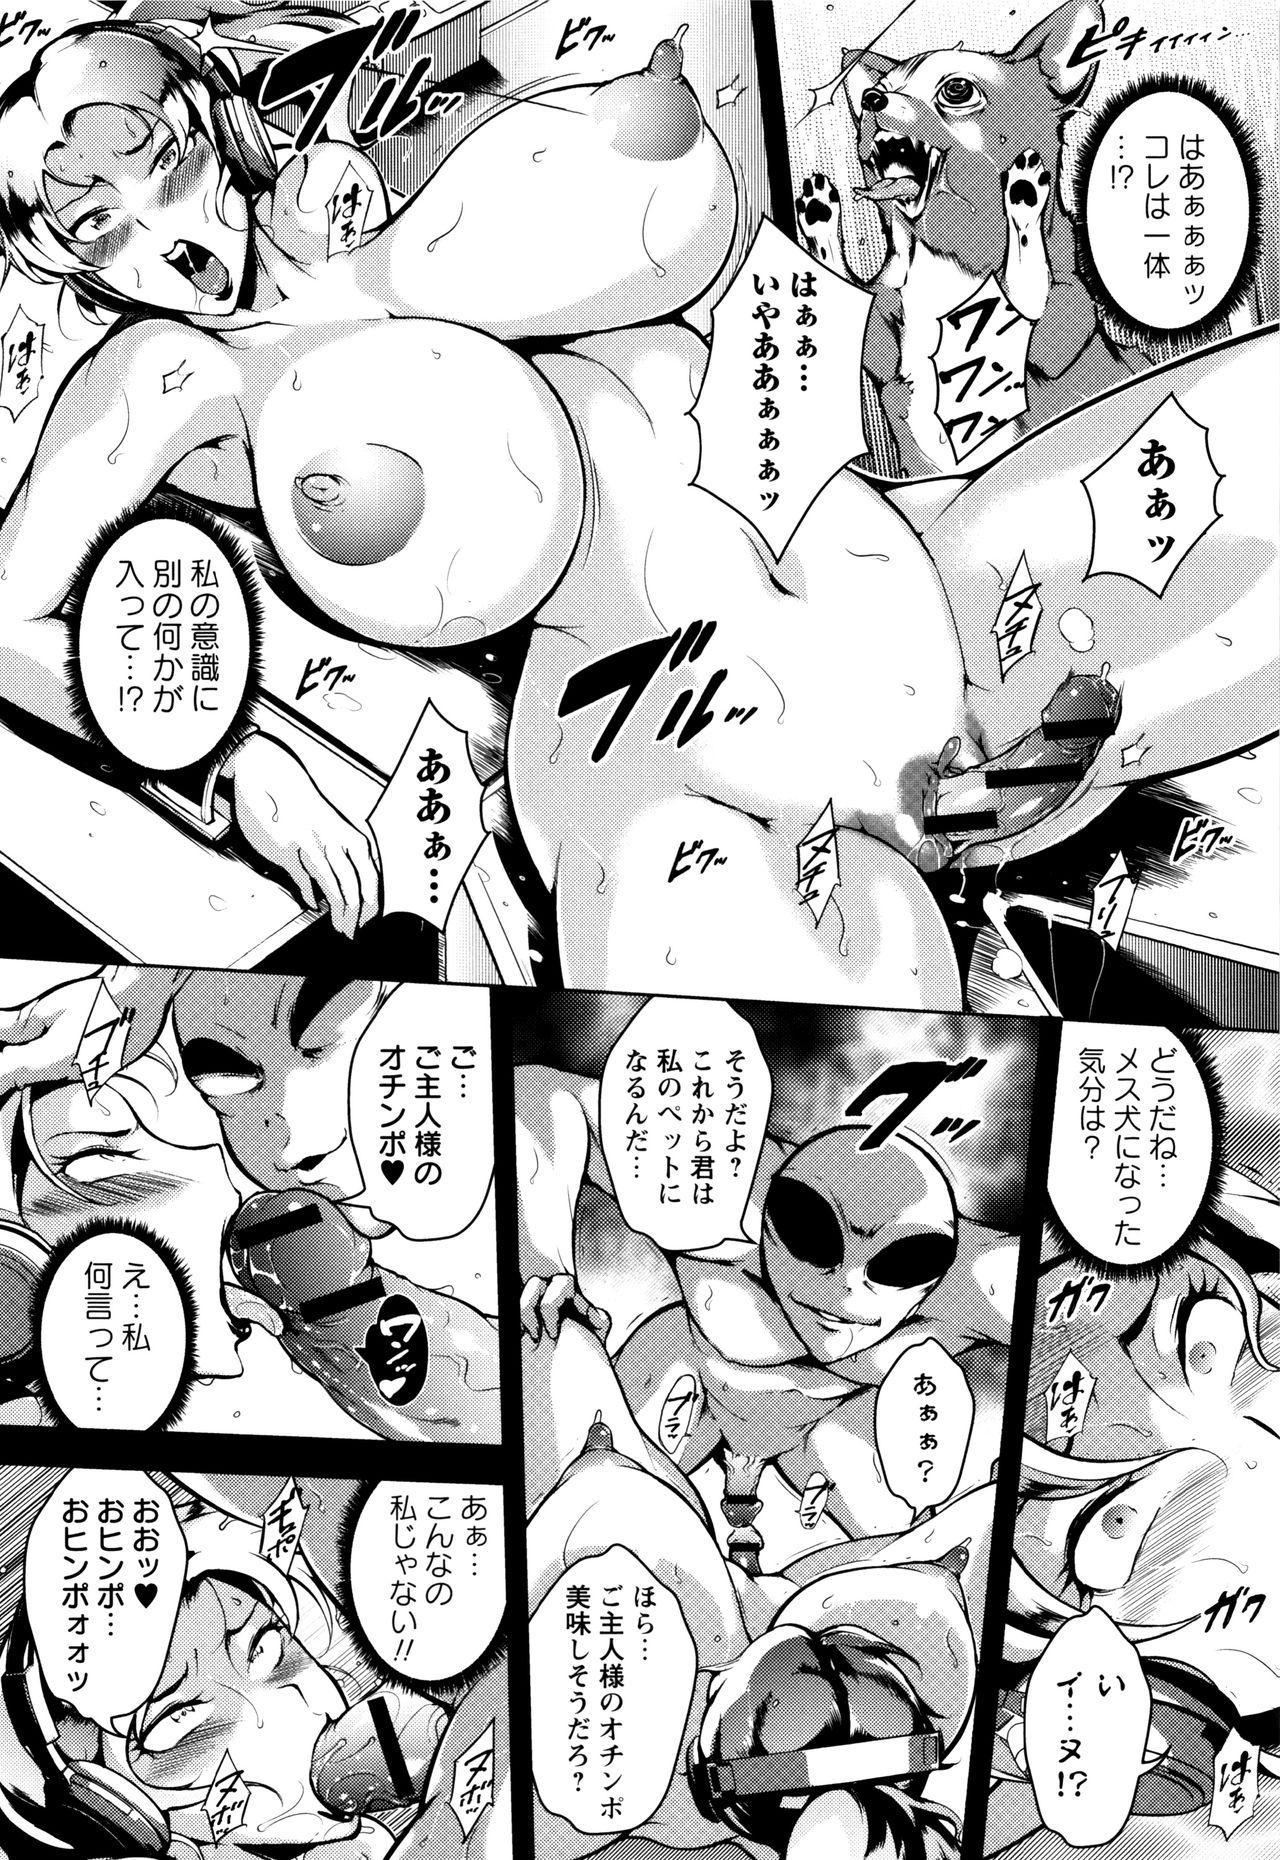 Ero BBA ♥ Dosukebe Ha Sengen 125